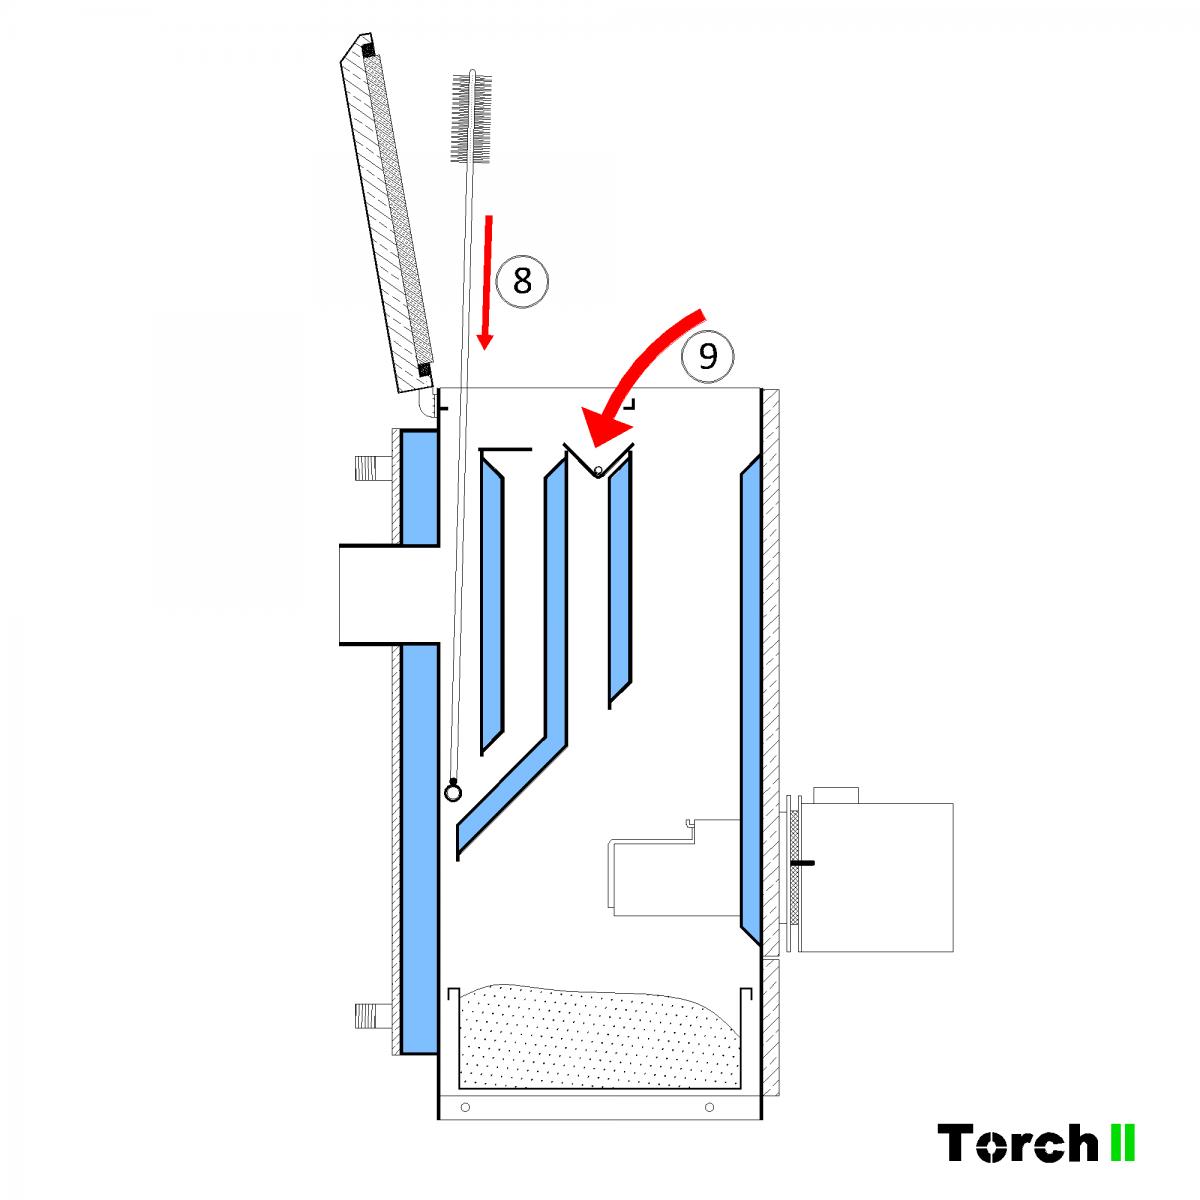 Почистване на пелетен котел Torch II - стъпка 9